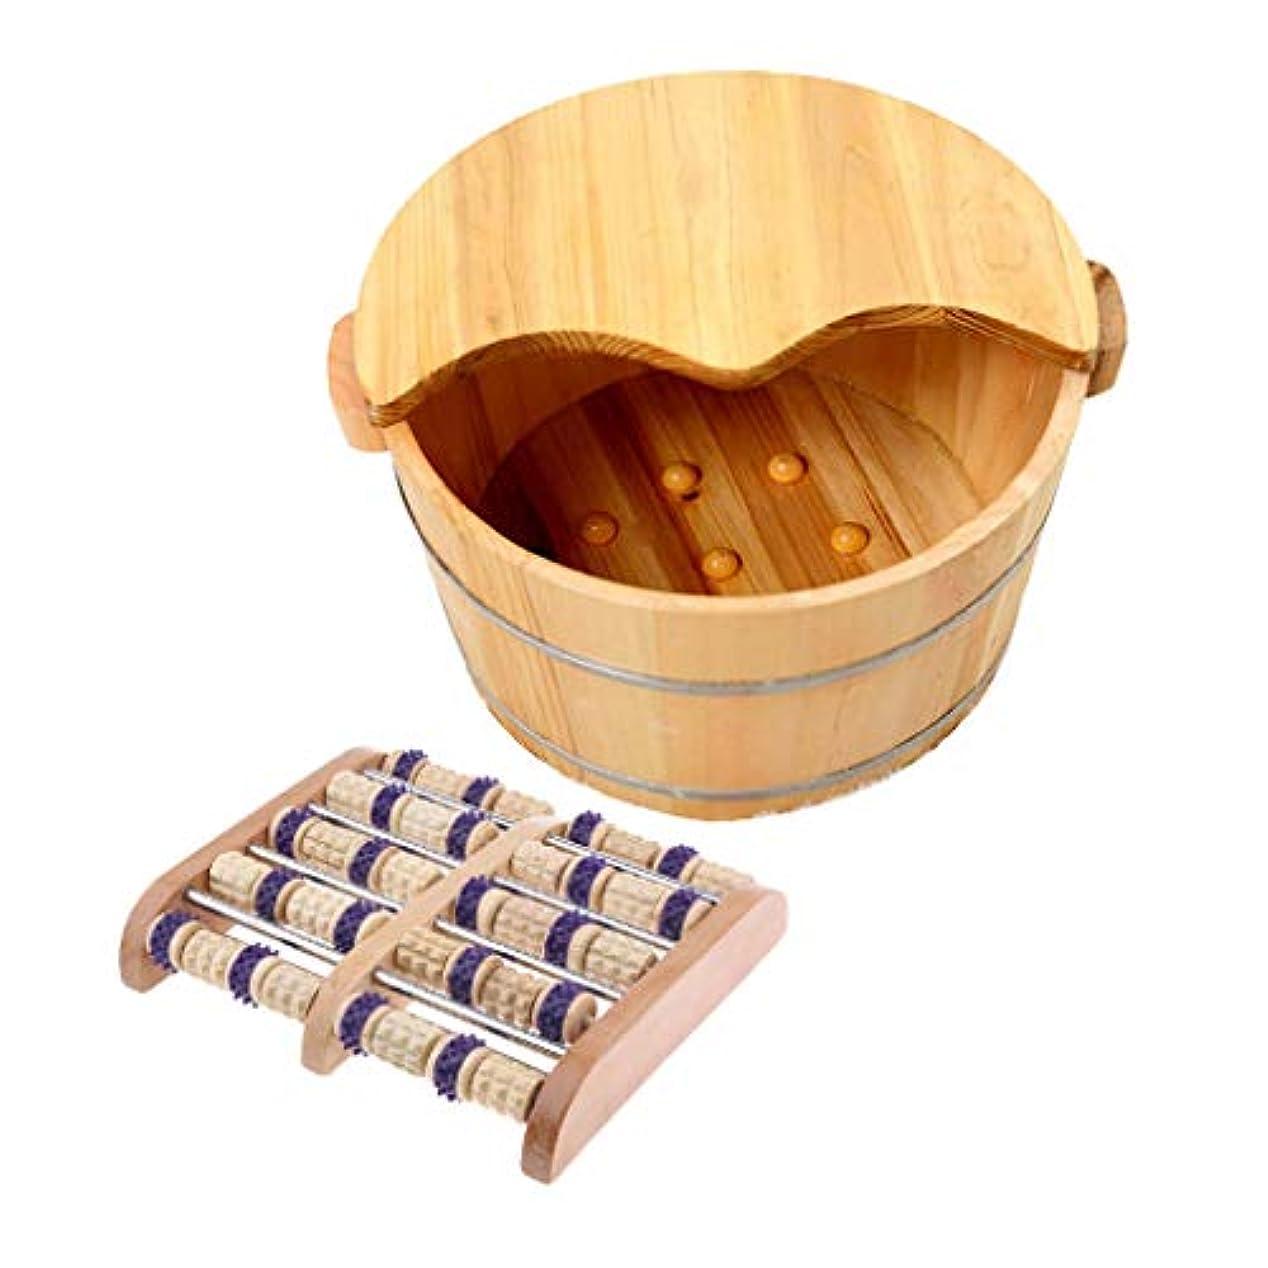 遅い通行料金キャラクターCUTICATE 足つぼマッサージ器 手作りウッドフットマッサー 木製の足の洗面台付き 足裏 ツボ押 血行促進